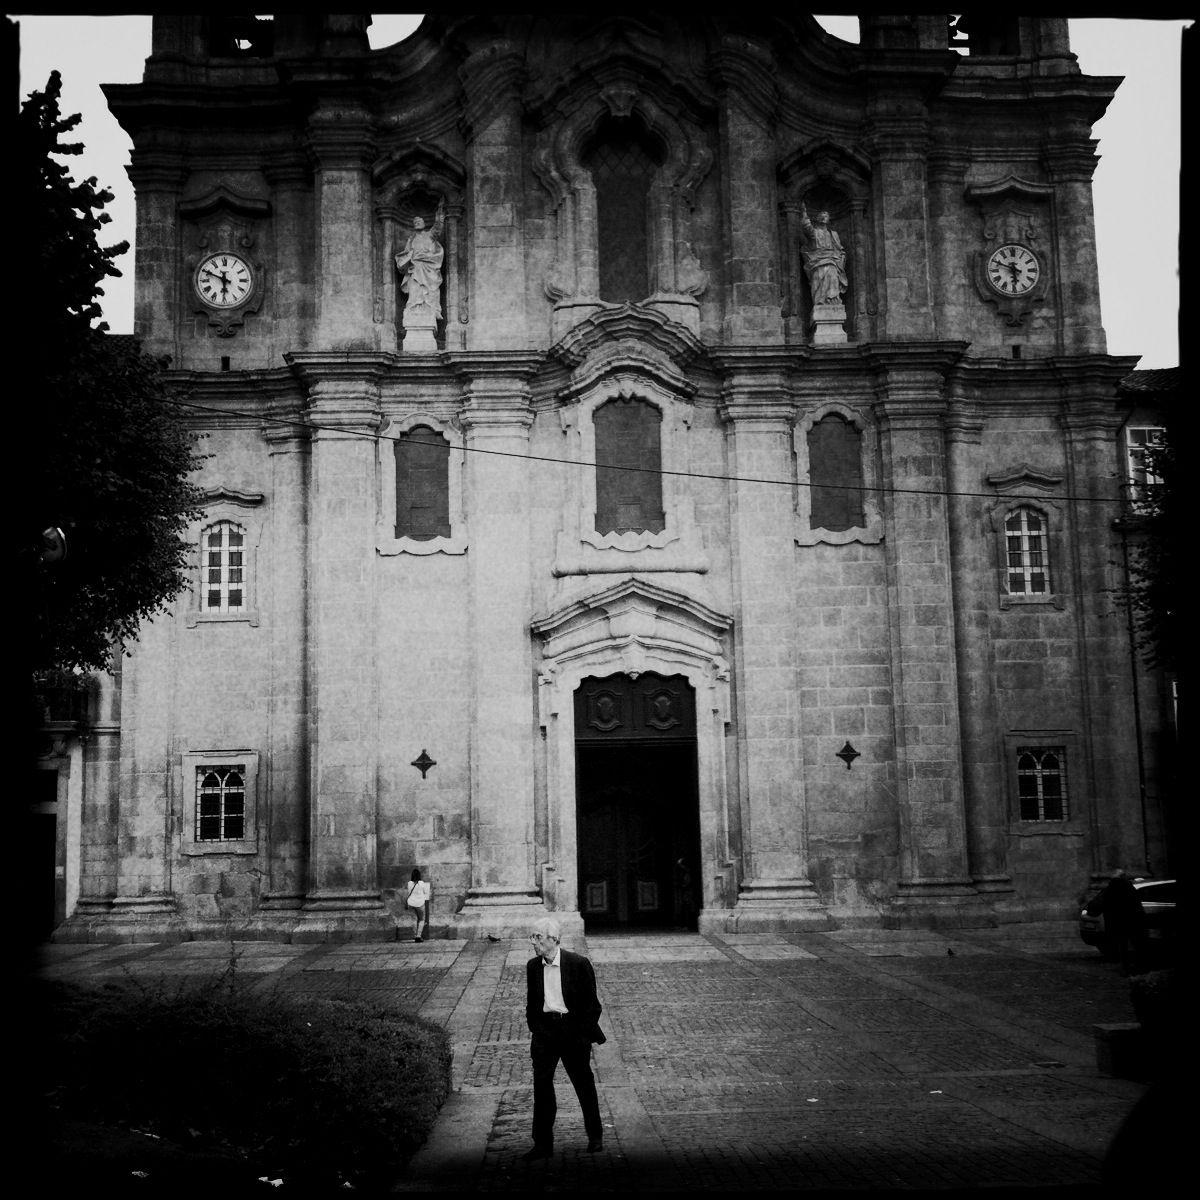 Trotz aller Kirchen und schwarz gekleideter Gestalten: Die Innenstadt von Braga ist komplett ver-w-lant